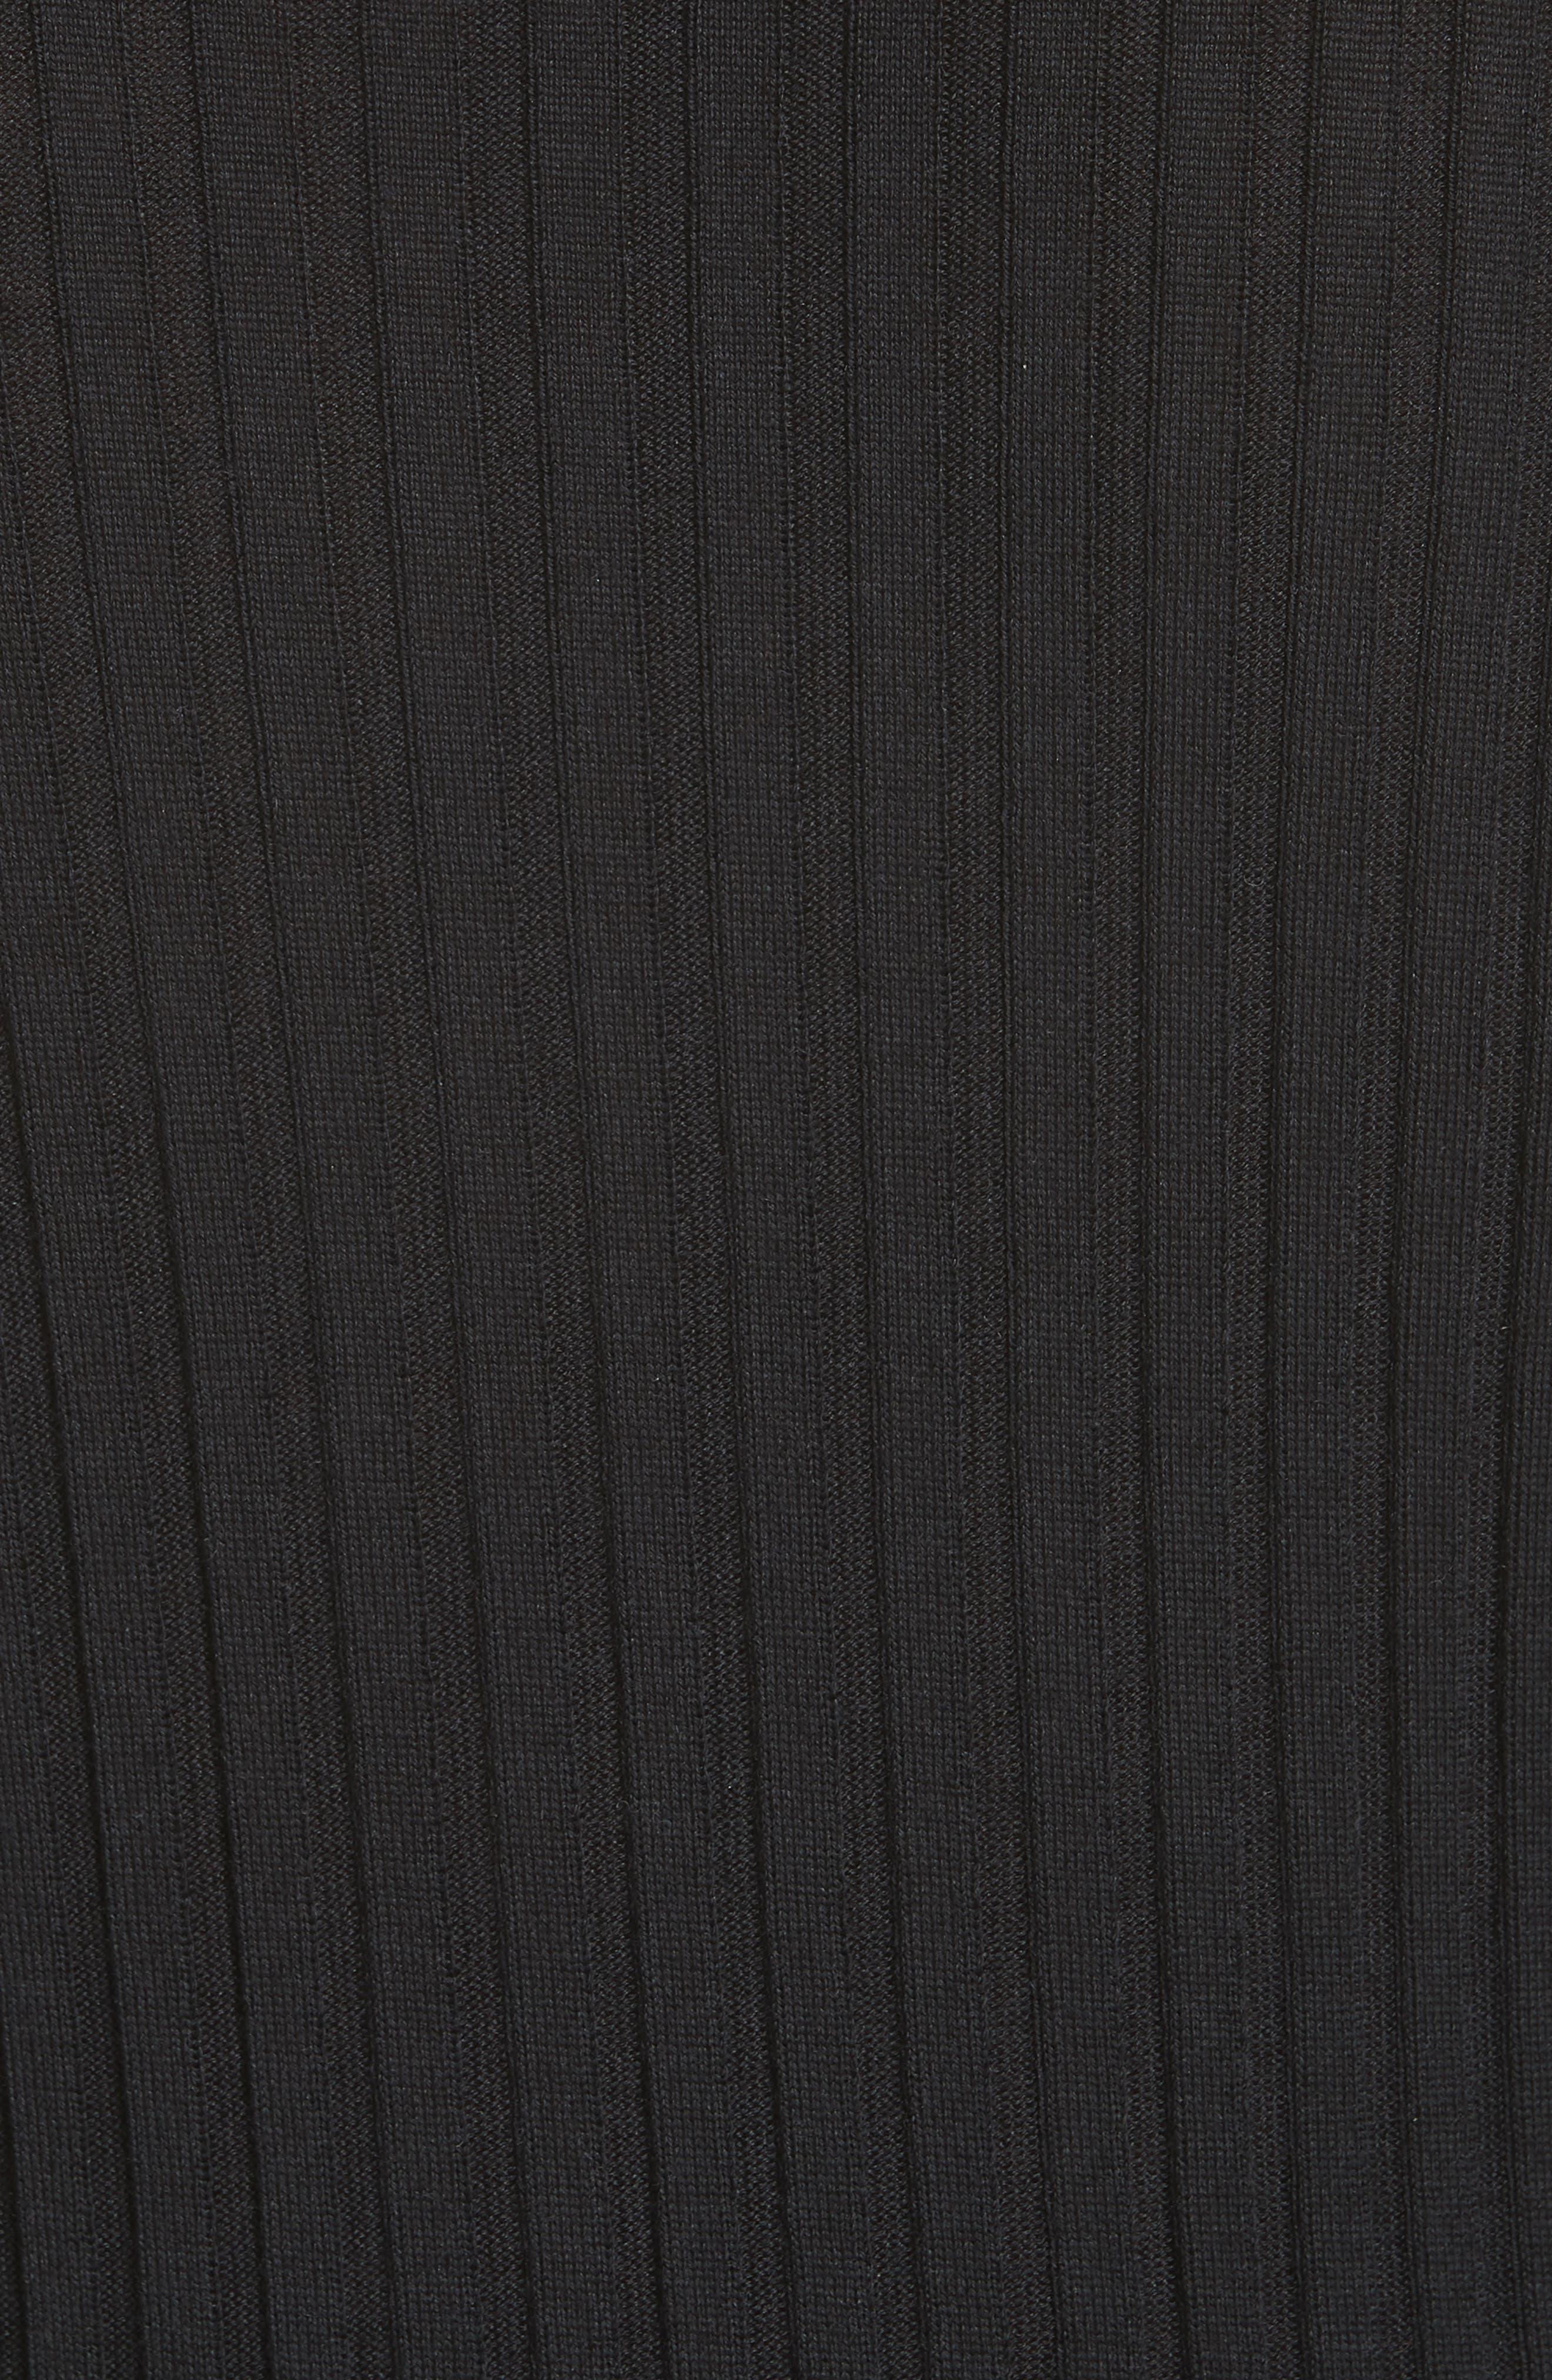 Snap Neck Rib Knit Sweater Dress,                             Alternate thumbnail 5, color,                             001